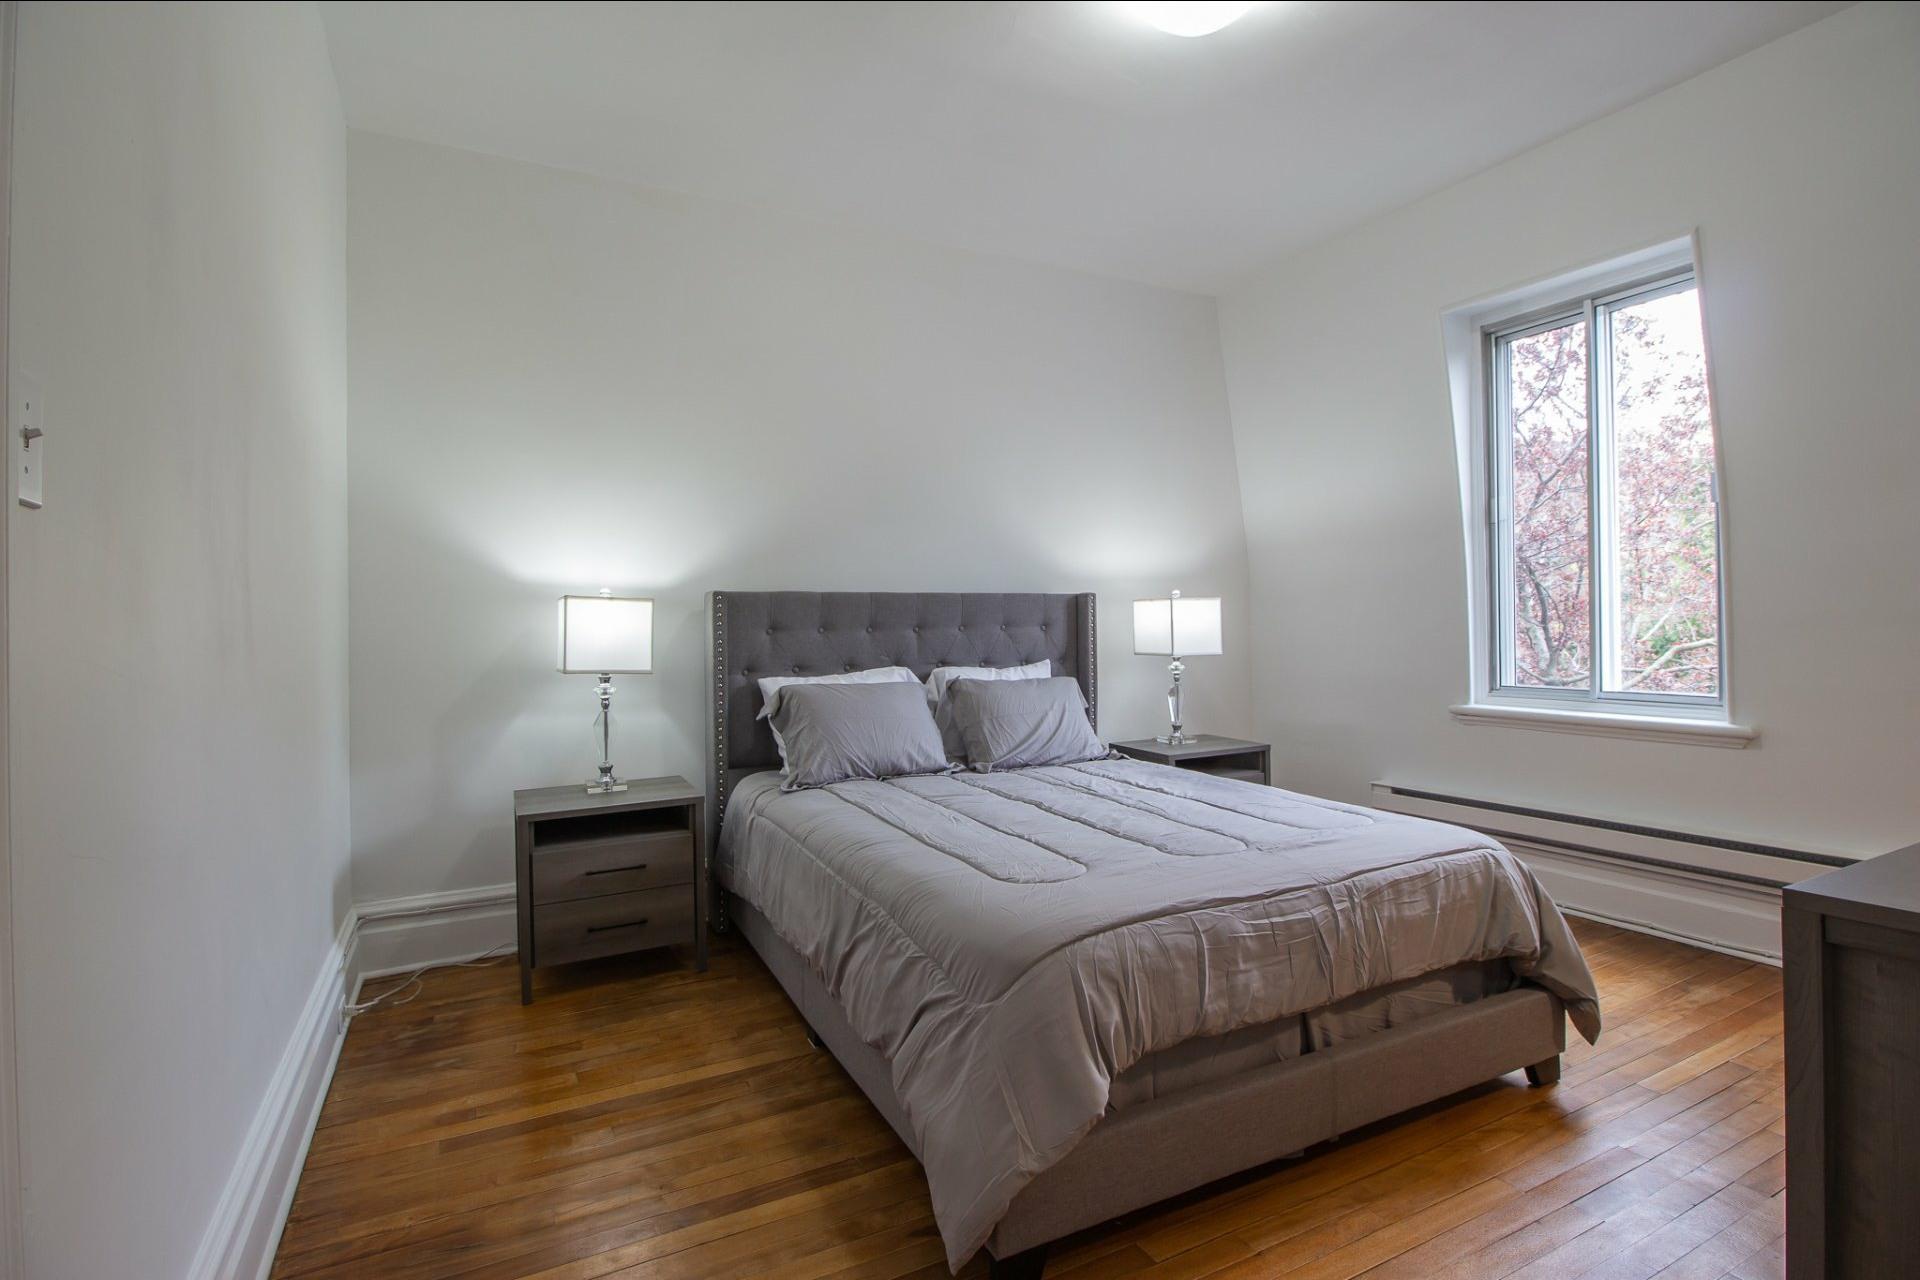 image 11 - House For rent Côte-des-Neiges/Notre-Dame-de-Grâce Montréal  - 8 rooms